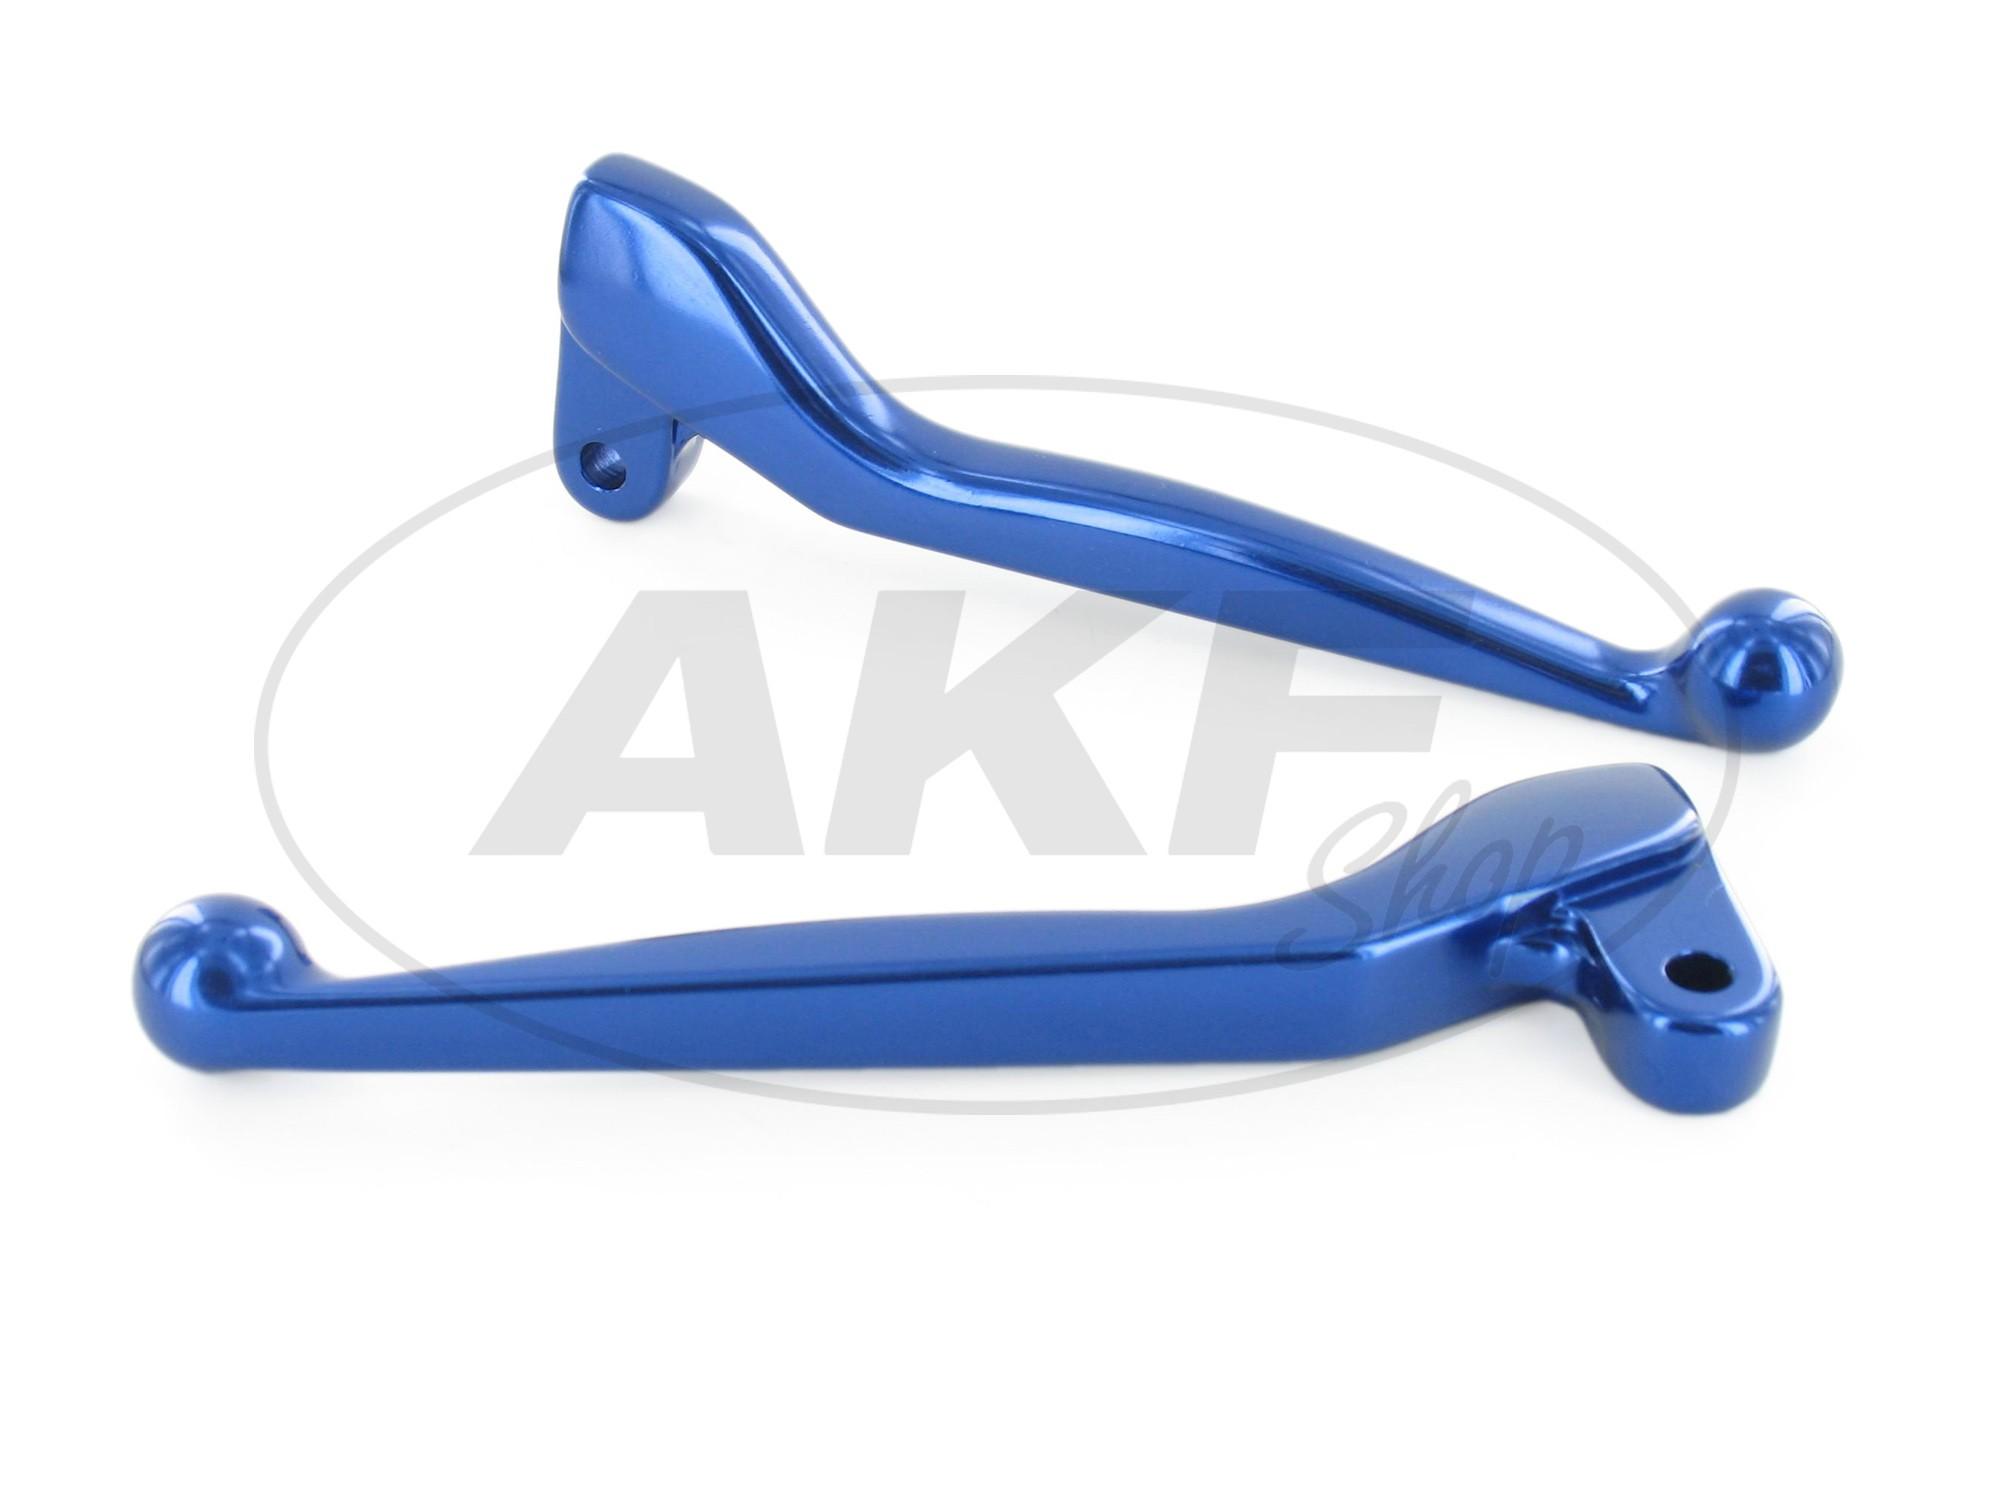 Zoom Ansicht Set: Handhebel - Aluminium massiv, Brems- und Kupplungshebel - Blau - Simson S50, S51, S53, SR50, KR51/2 Schwalbe